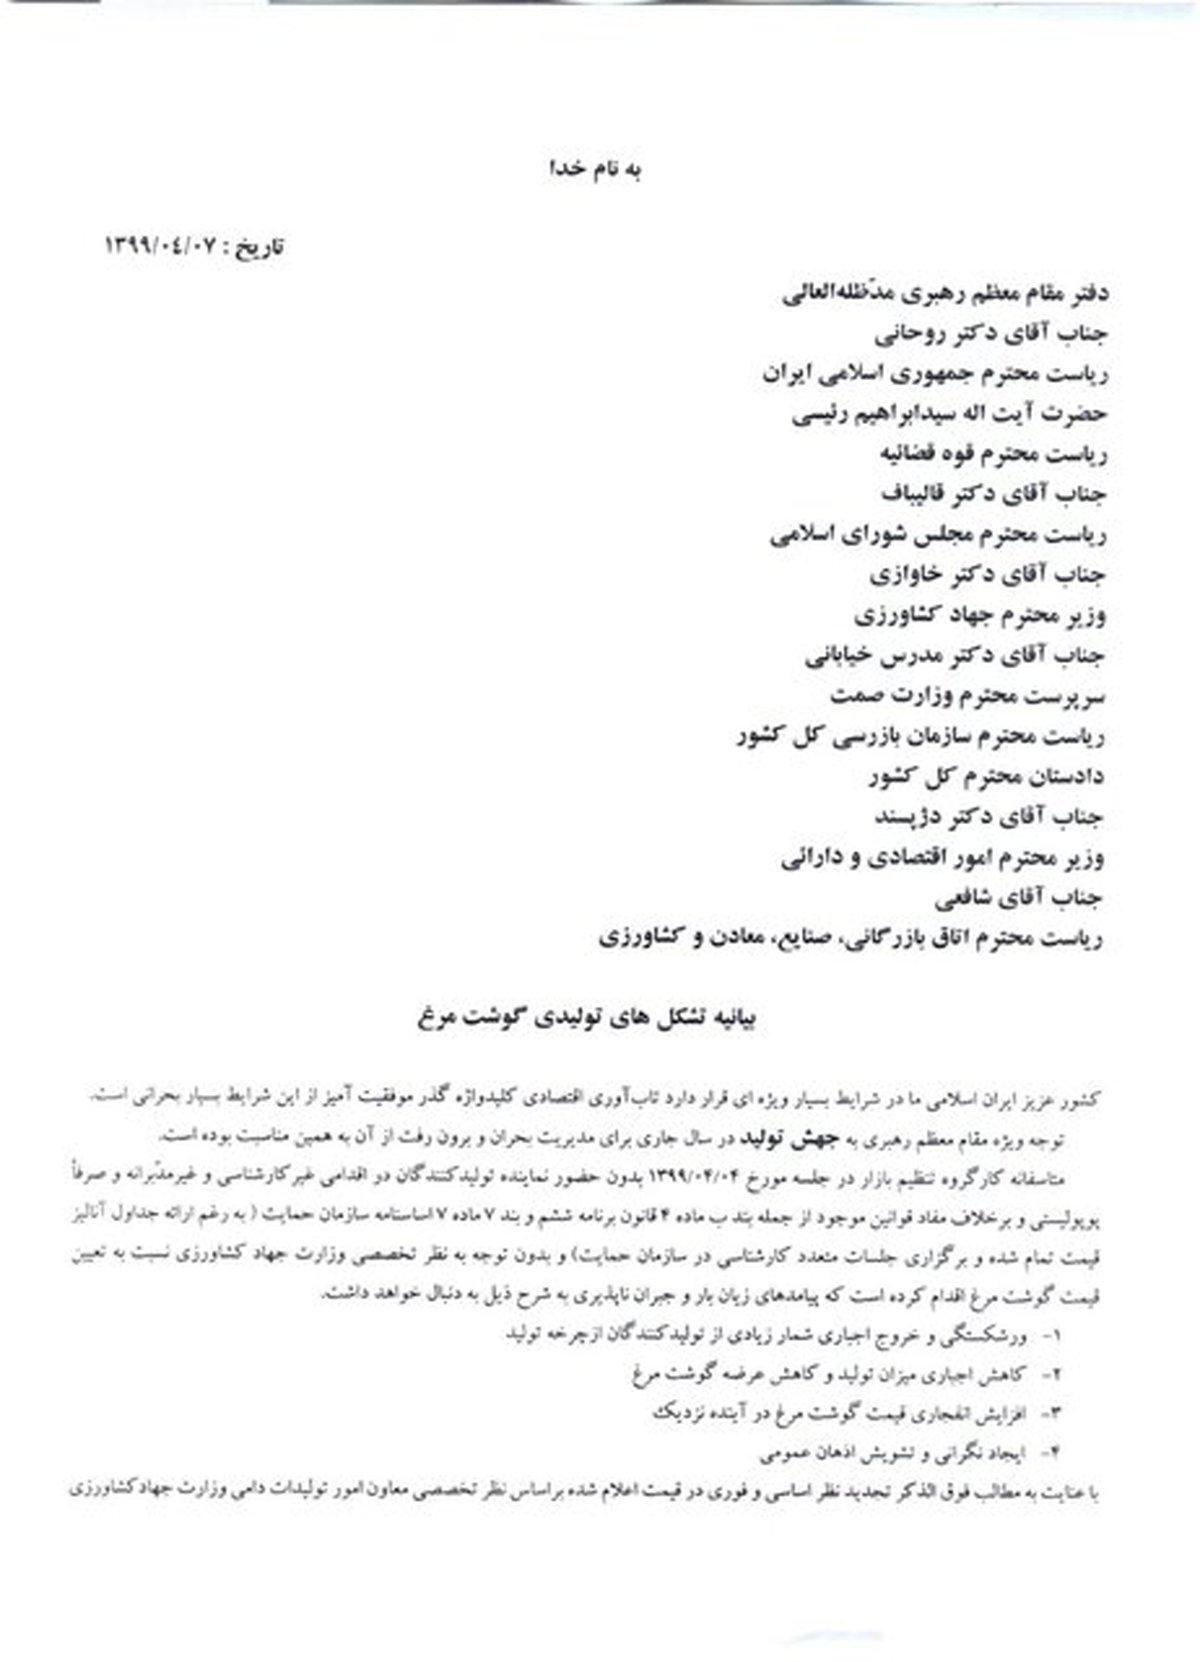 اعتراض تولیدکنندگان به قیمت اعلام شده مرغ